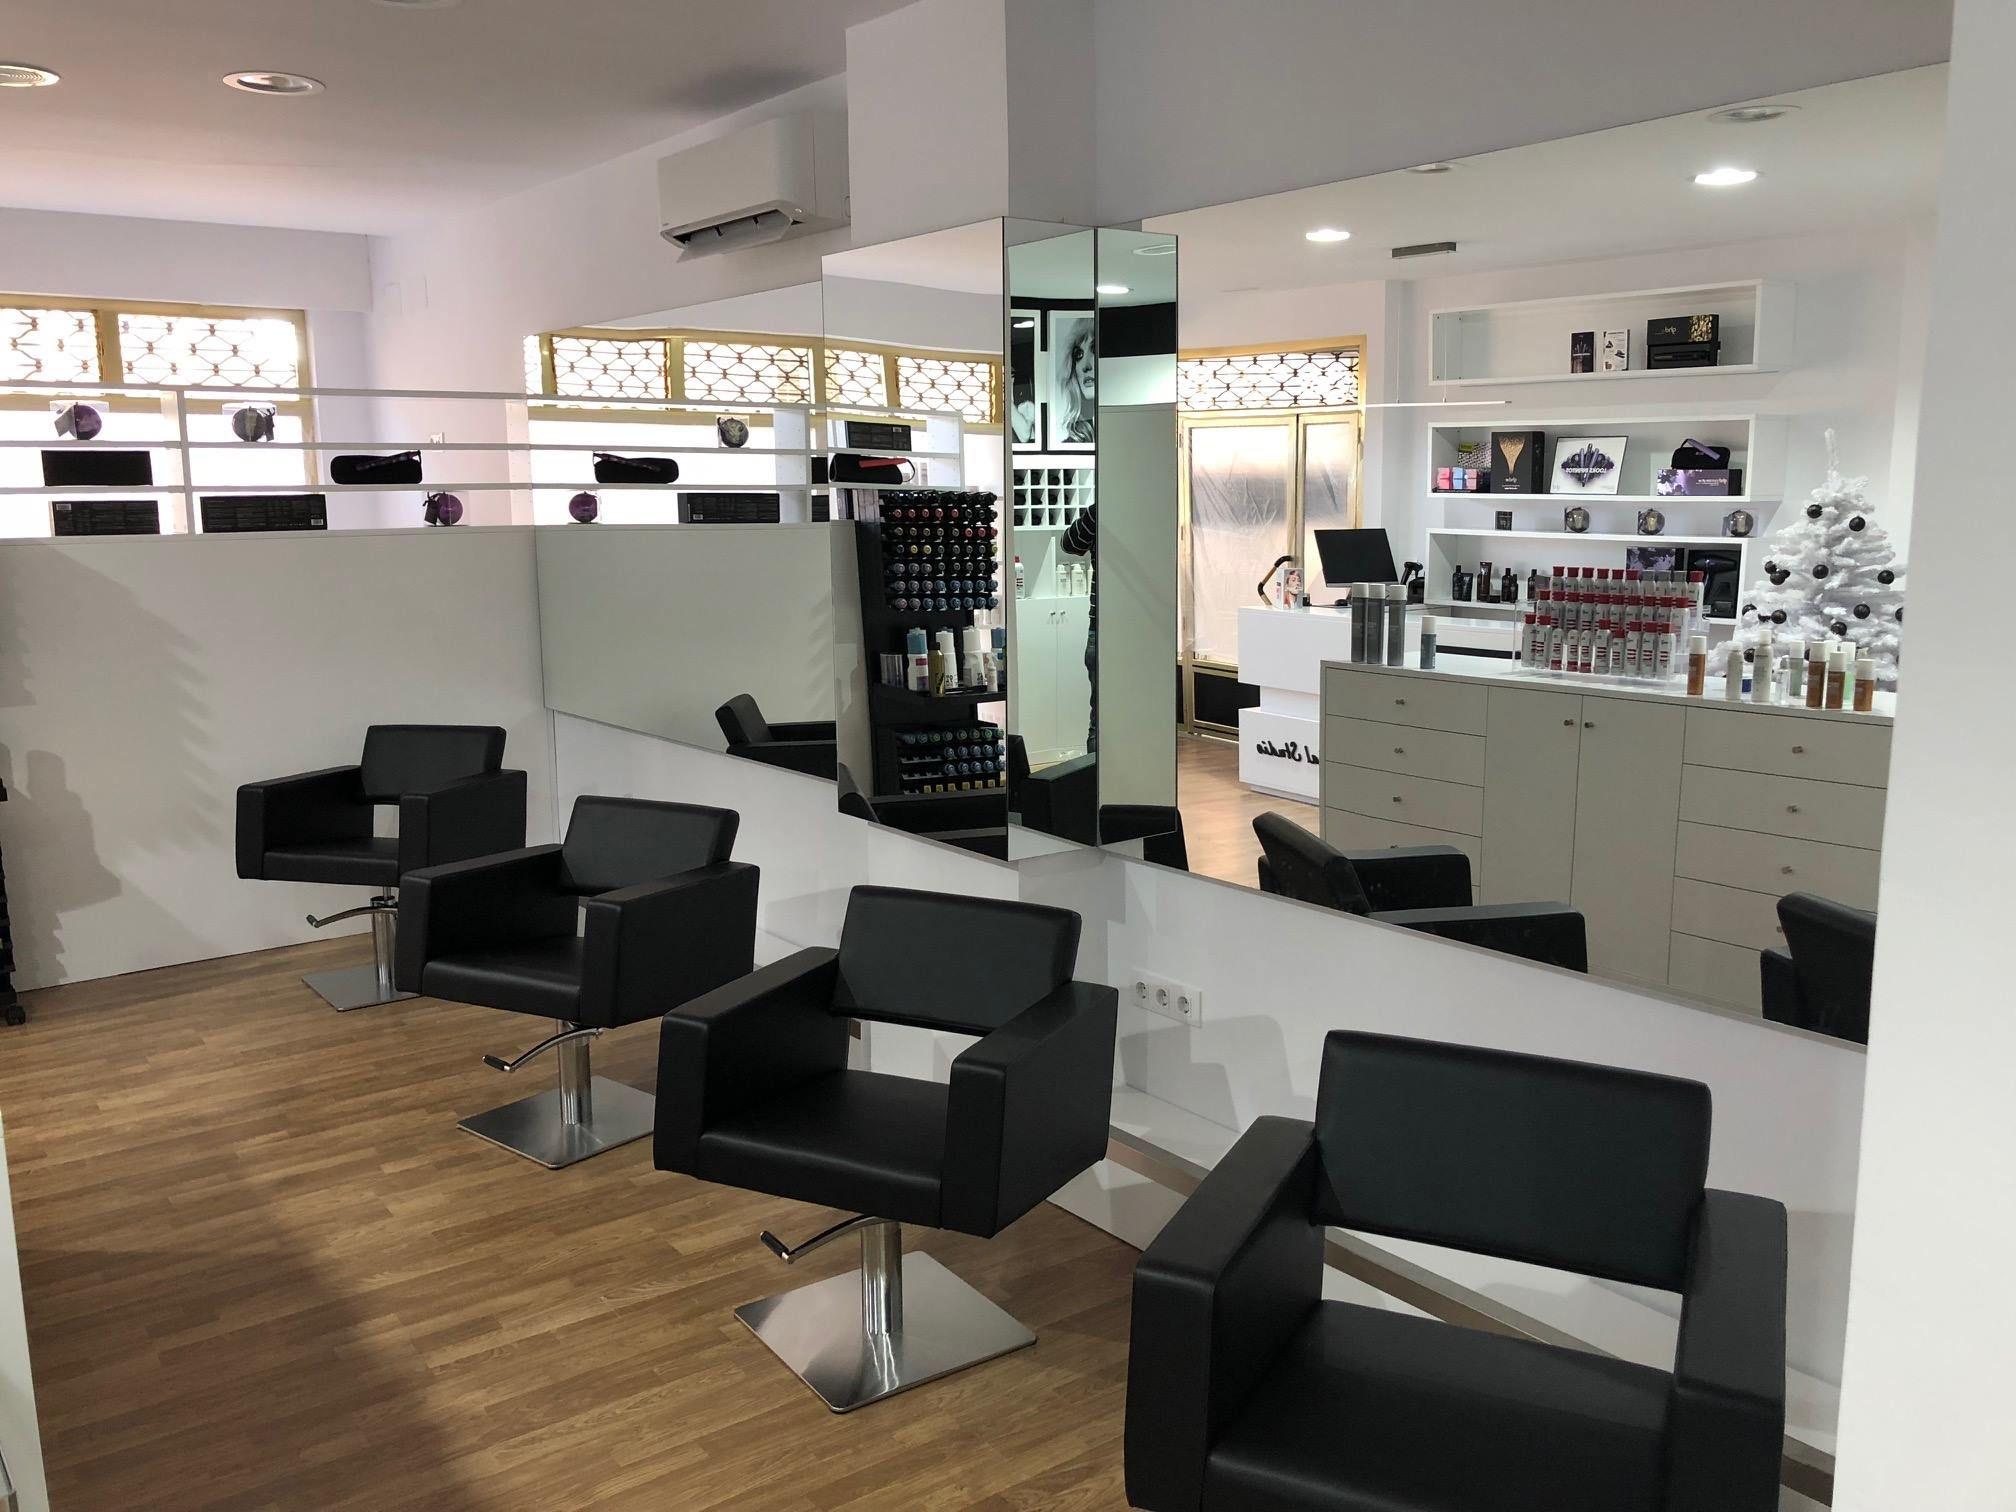 Servicios de estética y peluquería unisex exclusivos en Alba de Tormes